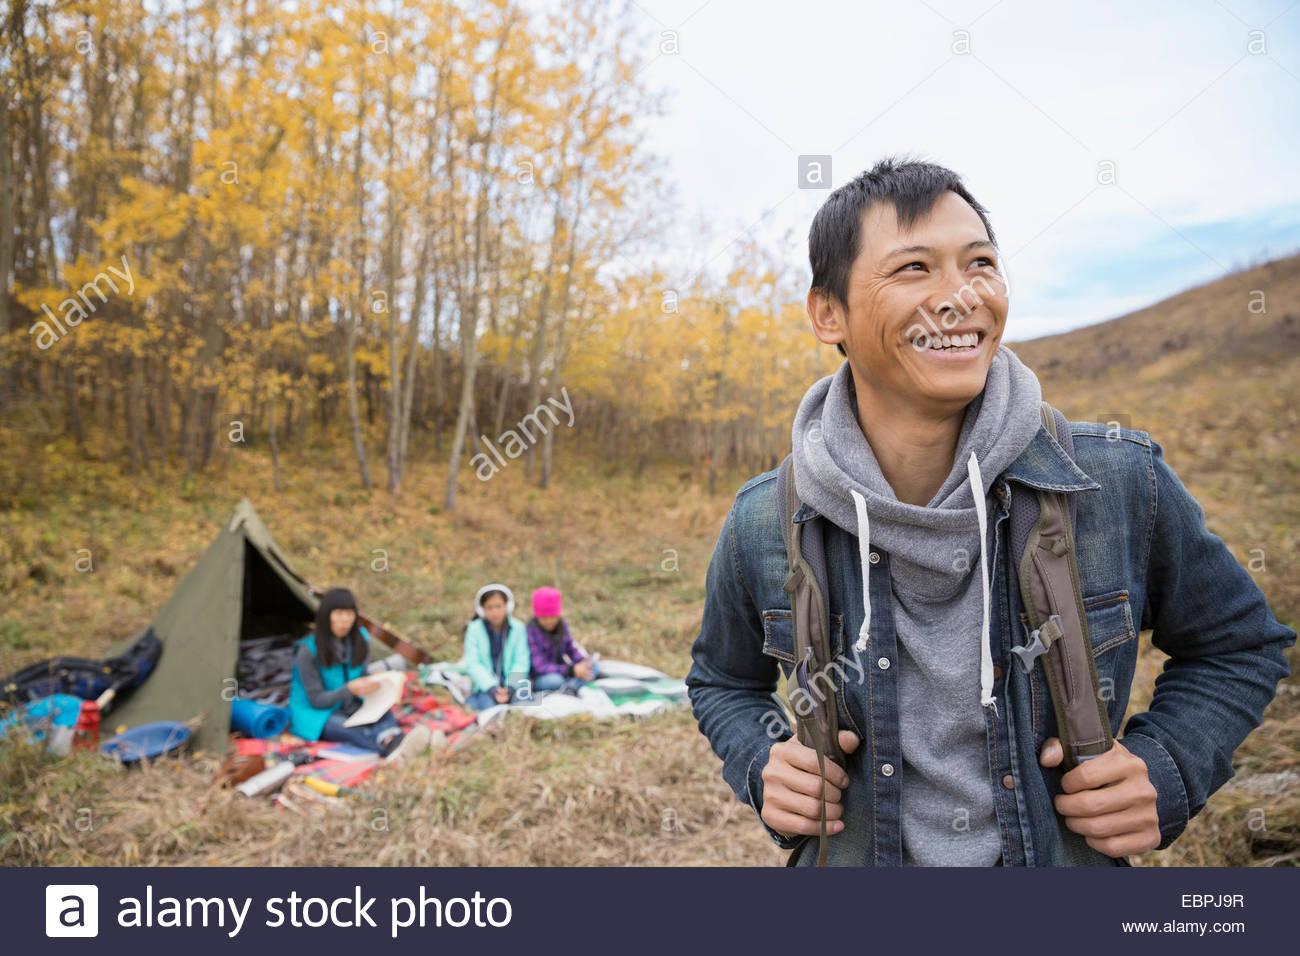 Uomo sorridente campeggio con la famiglia Immagini Stock